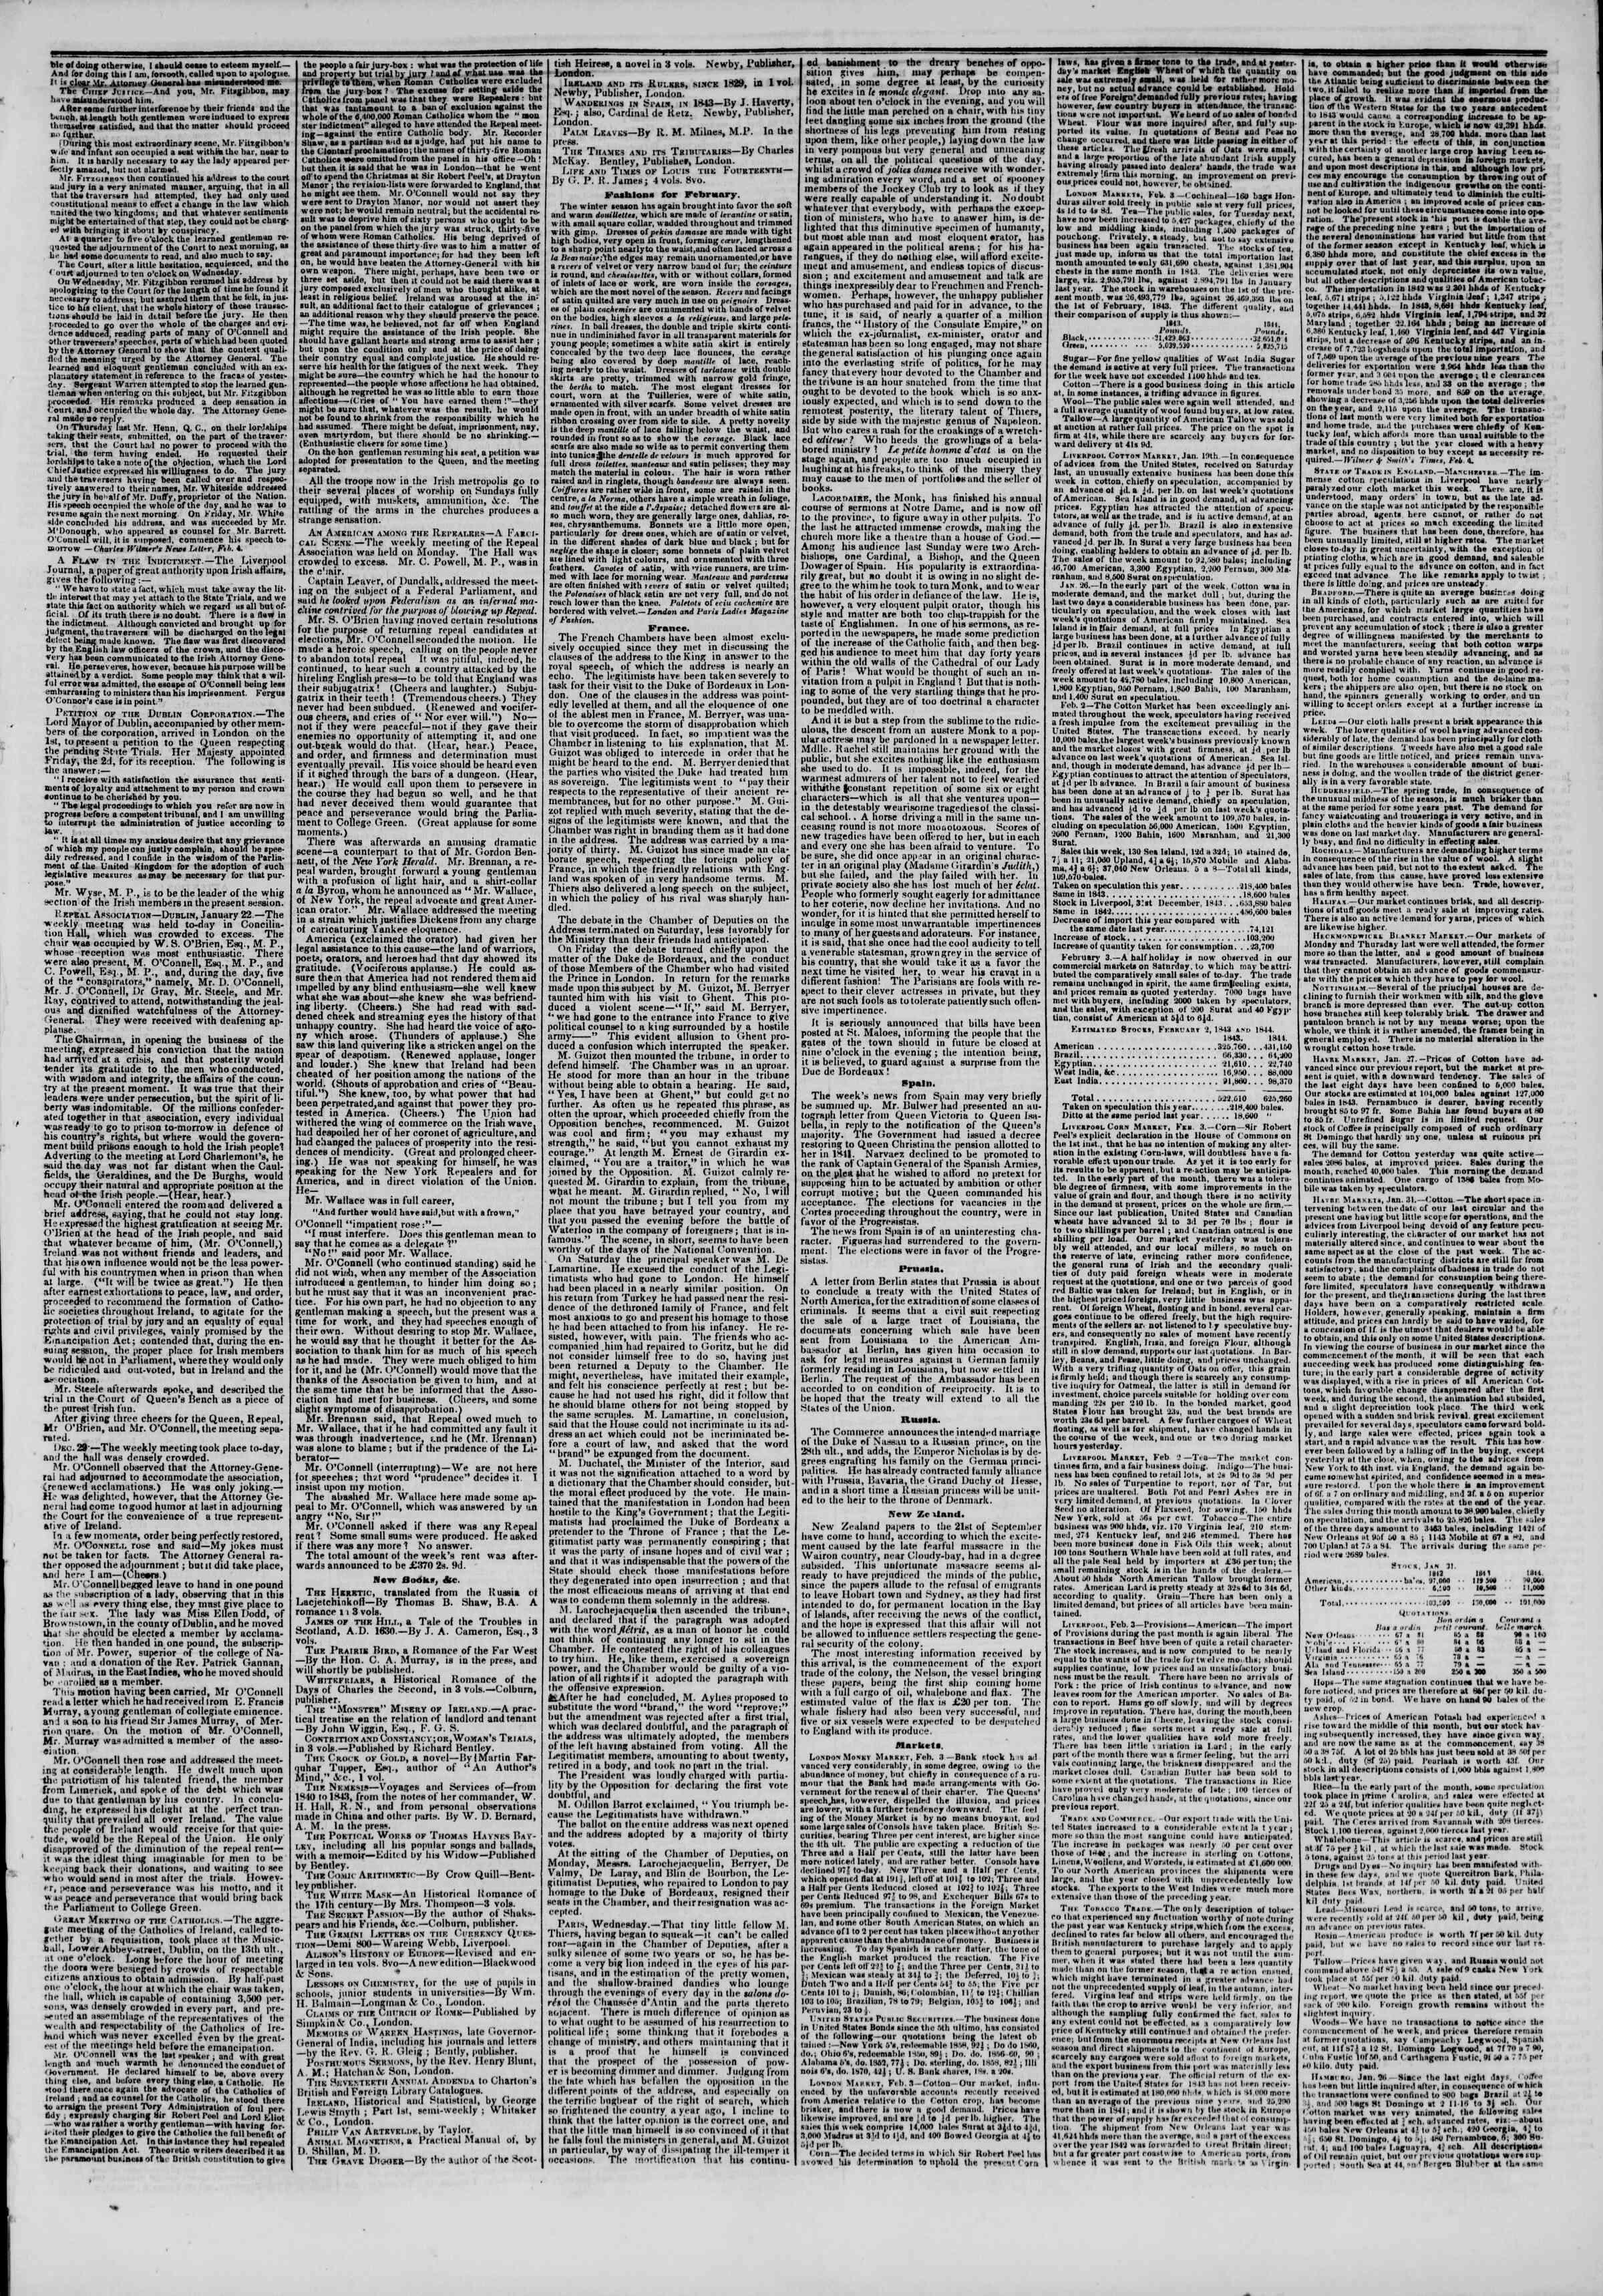 21 Şubat 1844 Tarihli The New York Herald Gazetesi Sayfa 5